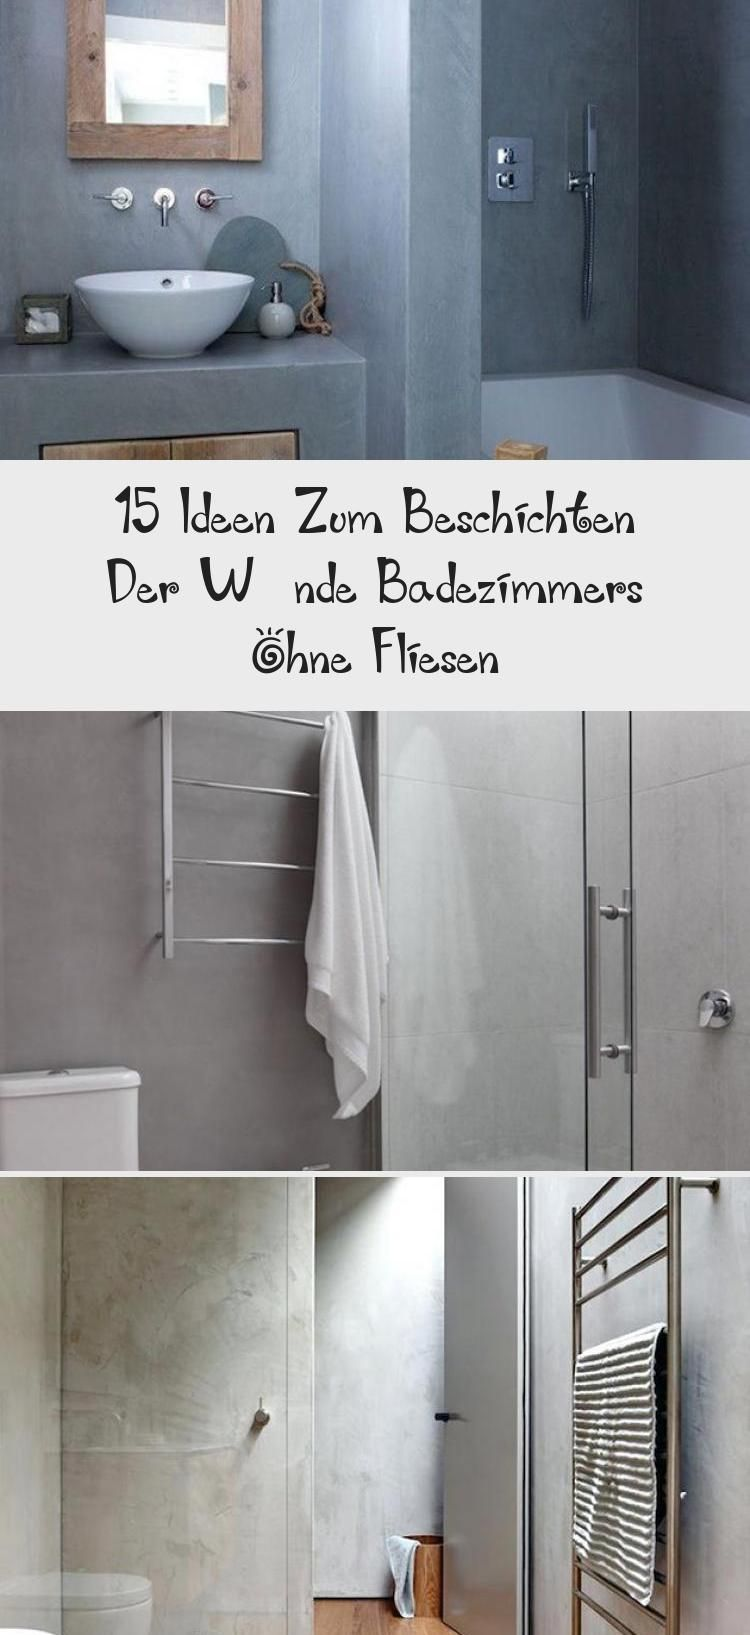 15 Ideen zum Beschichten der Wände Badezimmers ohne Fliesen  #badezimmers #beschichten #fliesen #ideen #wande | Dekoration Blog #bathroominteriorDIY #bathroominteriorTowel #Masterbathroominterior #bathroominteriorBeige #bathroominteriorClassic